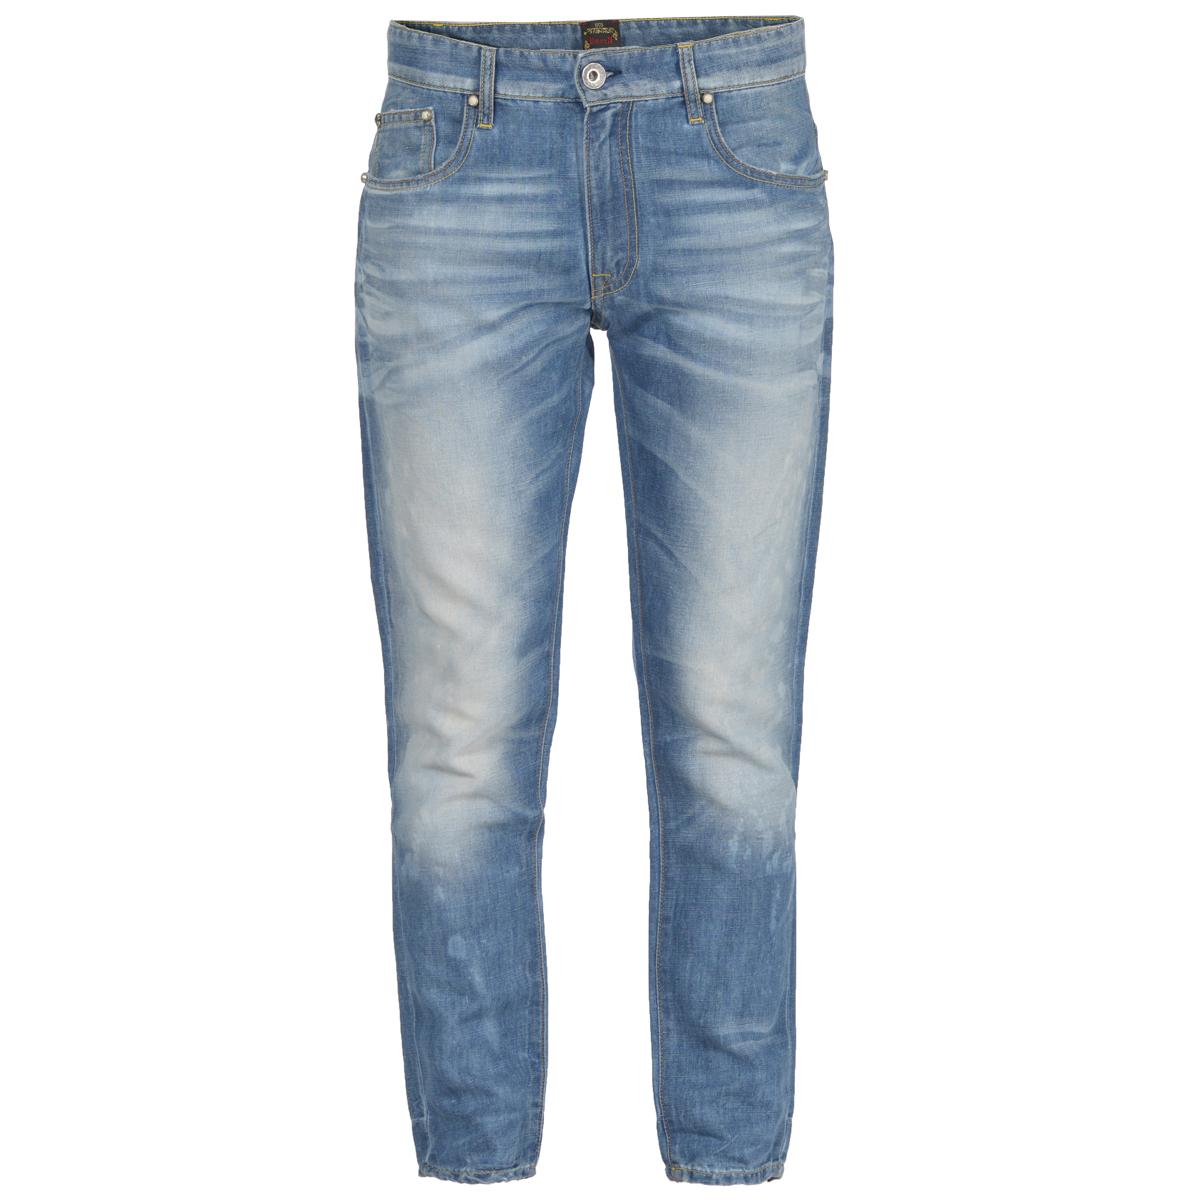 Джинсы женские. 22DB50055A22DB50055A D007Стильные женские джинсы RARE высочайшего качества, созданы специально для того, чтобы подчеркивать достоинства вашей фигуры. Модель зауженного к низу кроя и средней посадки станет отличным дополнением к вашему современному образу. Застегиваются джинсы на пуговицу и ширинку на застежке-молнии, имеются шлевки для ремня. Спереди модель оформлены двумя втачными карманами и небольшим секретным кармашком, а сзади - двумя накладными карманами. Эти модные и в тоже время комфортные джинсы послужат отличным дополнением к вашему гардеробу. В них вы всегда будете чувствовать себя уютно и комфортно.